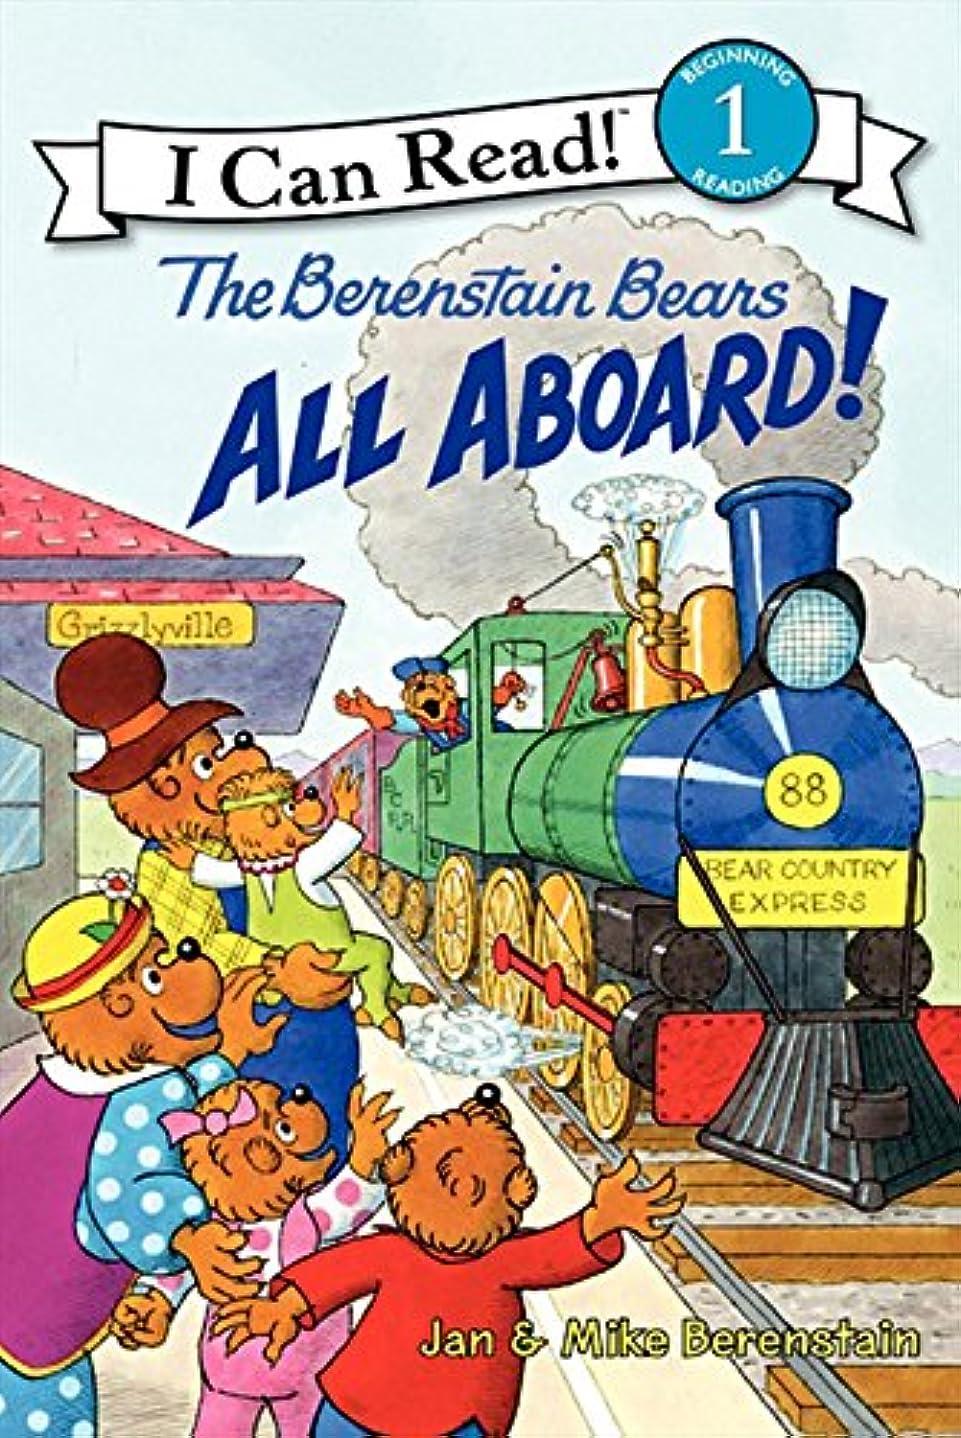 モニター候補者症状The Berenstain Bears: All Aboard! (I Can Read Level 1) (English Edition)